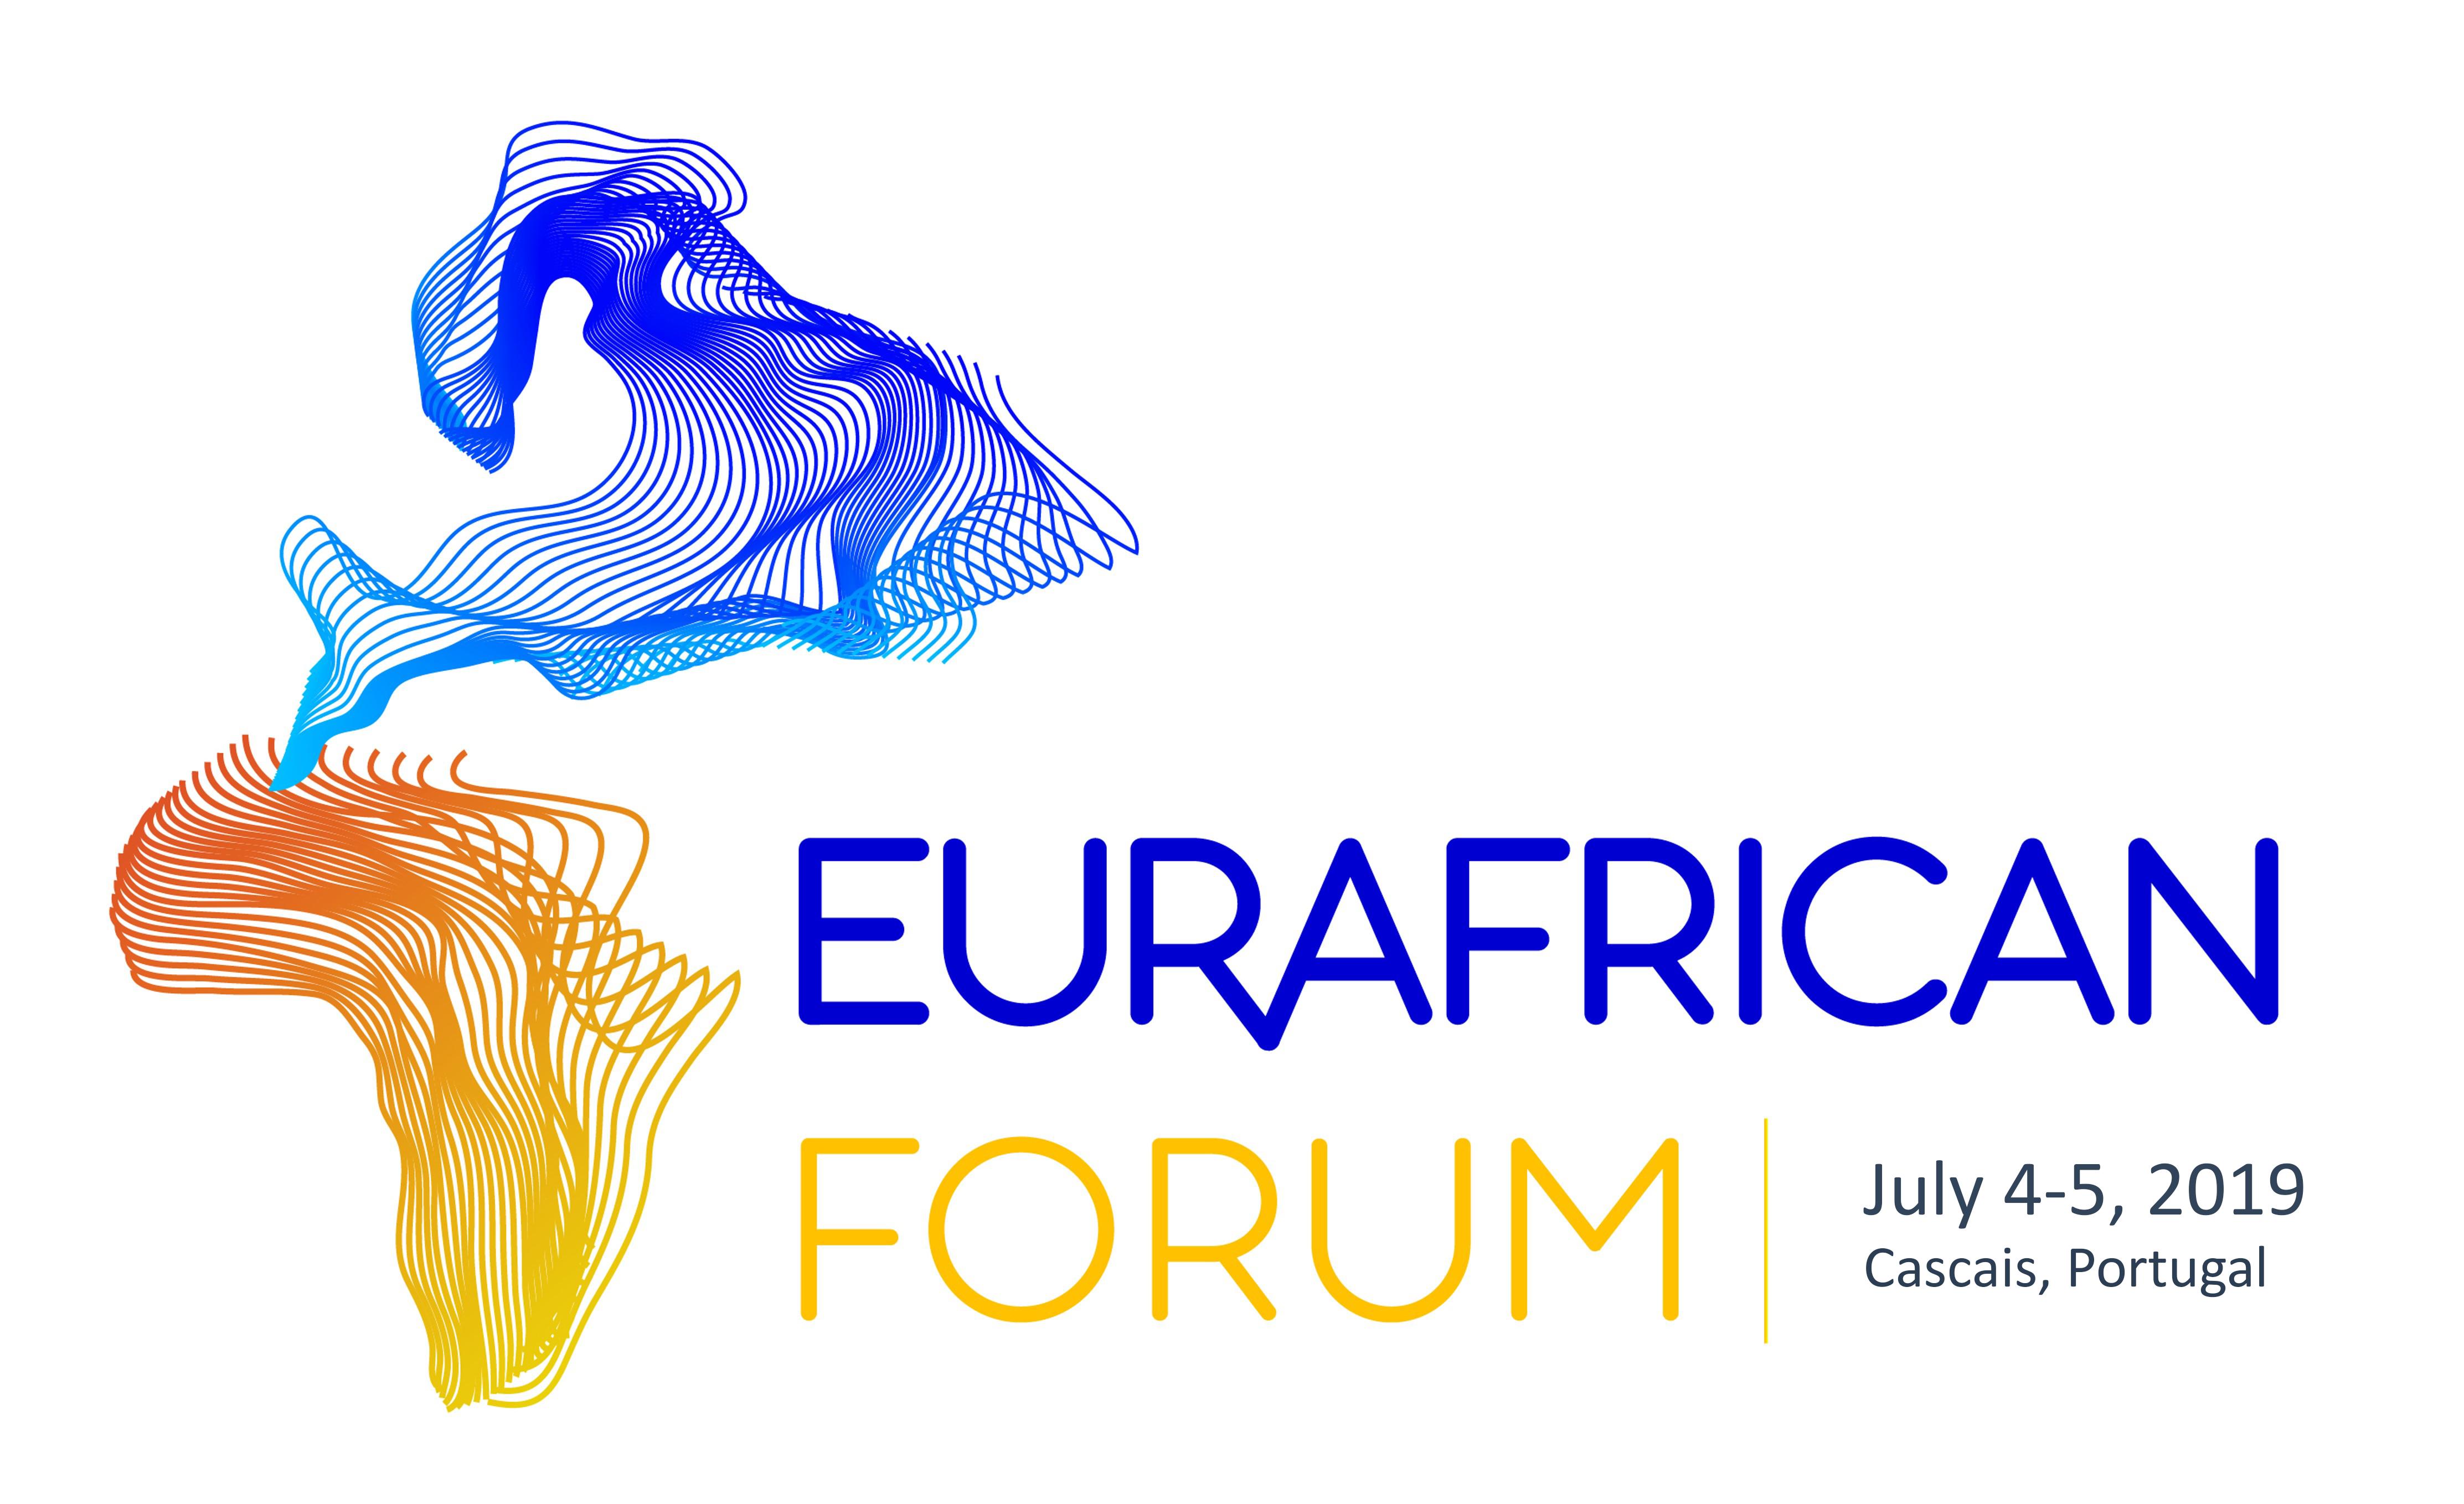 EurAfrican Forum